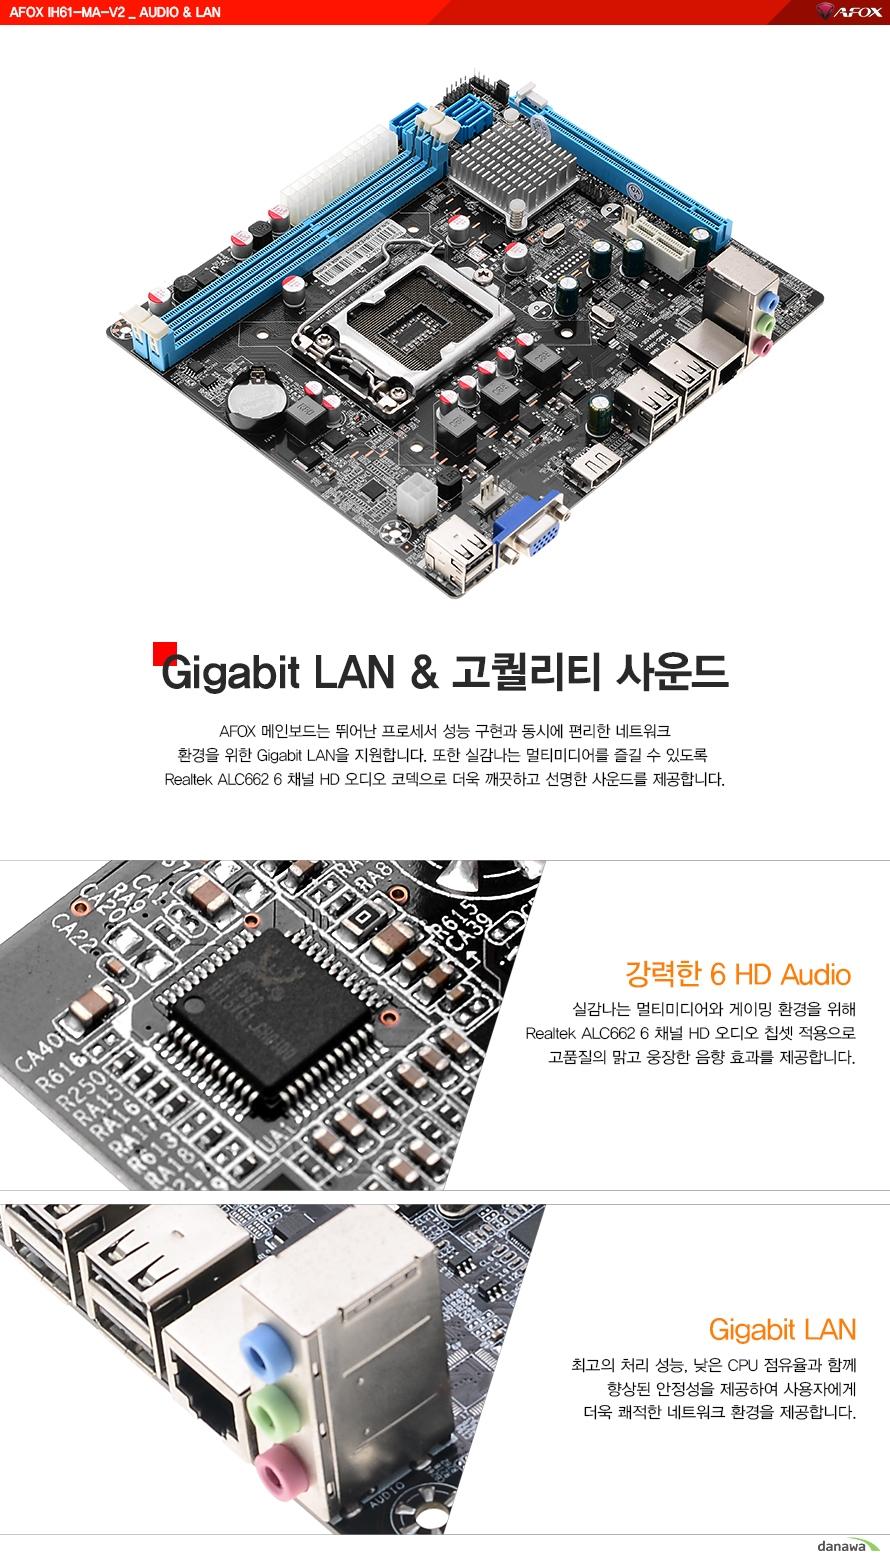 기가비트 랜 및 고퀄리티 사운드AFOX 메인보드는 뛰어난 프로세서 성능구현과 동시에 편리한 네트워크 환경을 위한 기가비트 랜을 지원합니다. 또한 실감나는 멀티미디어를 즐길 수 있도록 리얼텍 ALC662 6채널 HD오디오 코덱으로더욱 깨끗하고 선명한 사운드를 제공합니다.강력한 6 채널HD 오디오실감나는 멀티미디어와 게이밍 환경을 위해 리얼텍 ALC662 6채널 HD 오디오 칩셋 적용으로고품질의 밝고 웅장한 음향 효과를 제공합니다.기가비트 랜최고의 처리 성능과 낮은 CPU점유율과 함께 향상된 안정성을 제공하여 사용자에게 더욱쾌적한 네트워크 환경을 제공합니다.